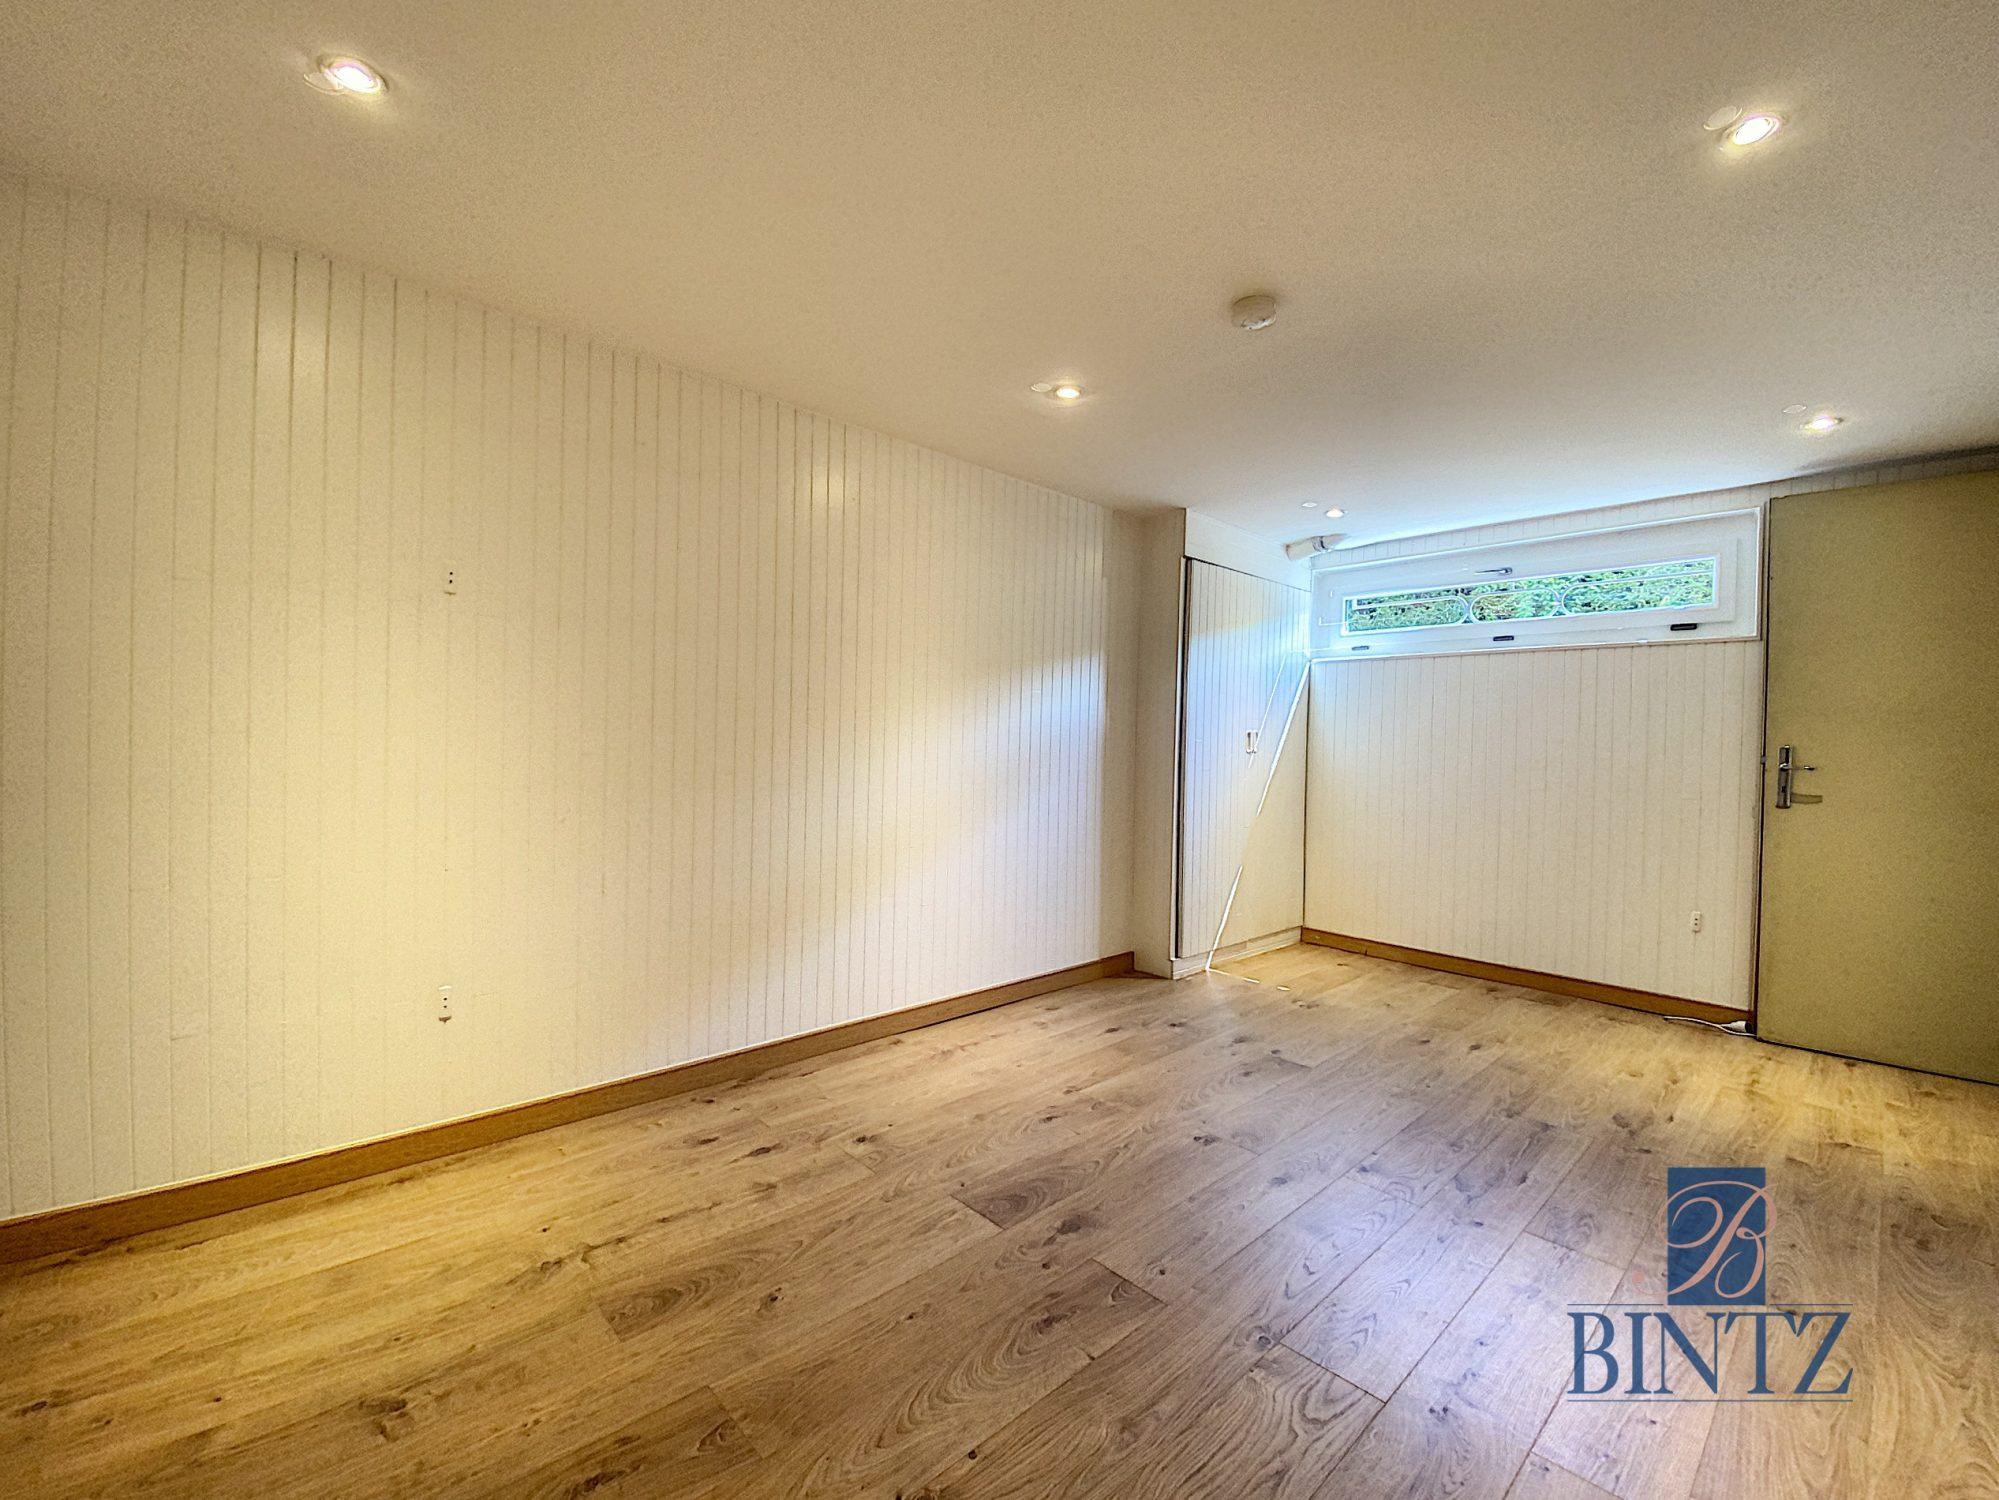 MAISON A LOUER ROBERTSAU - Devenez locataire en toute sérénité - Bintz Immobilier - 16